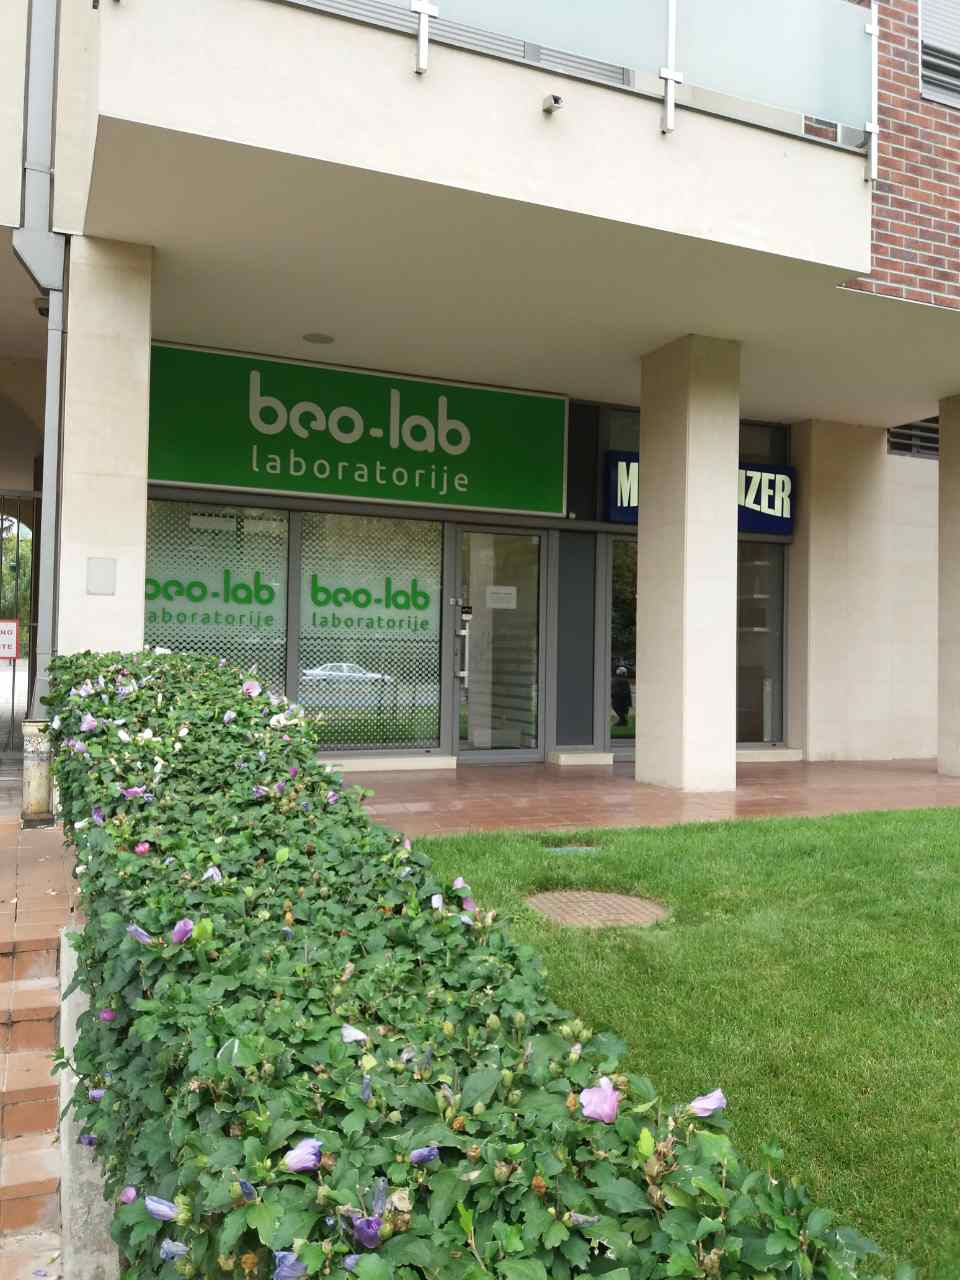 Beo-lab laboratorija Retenzija, Bul. Mihajla Pupina 16V, Novi Beograd 5